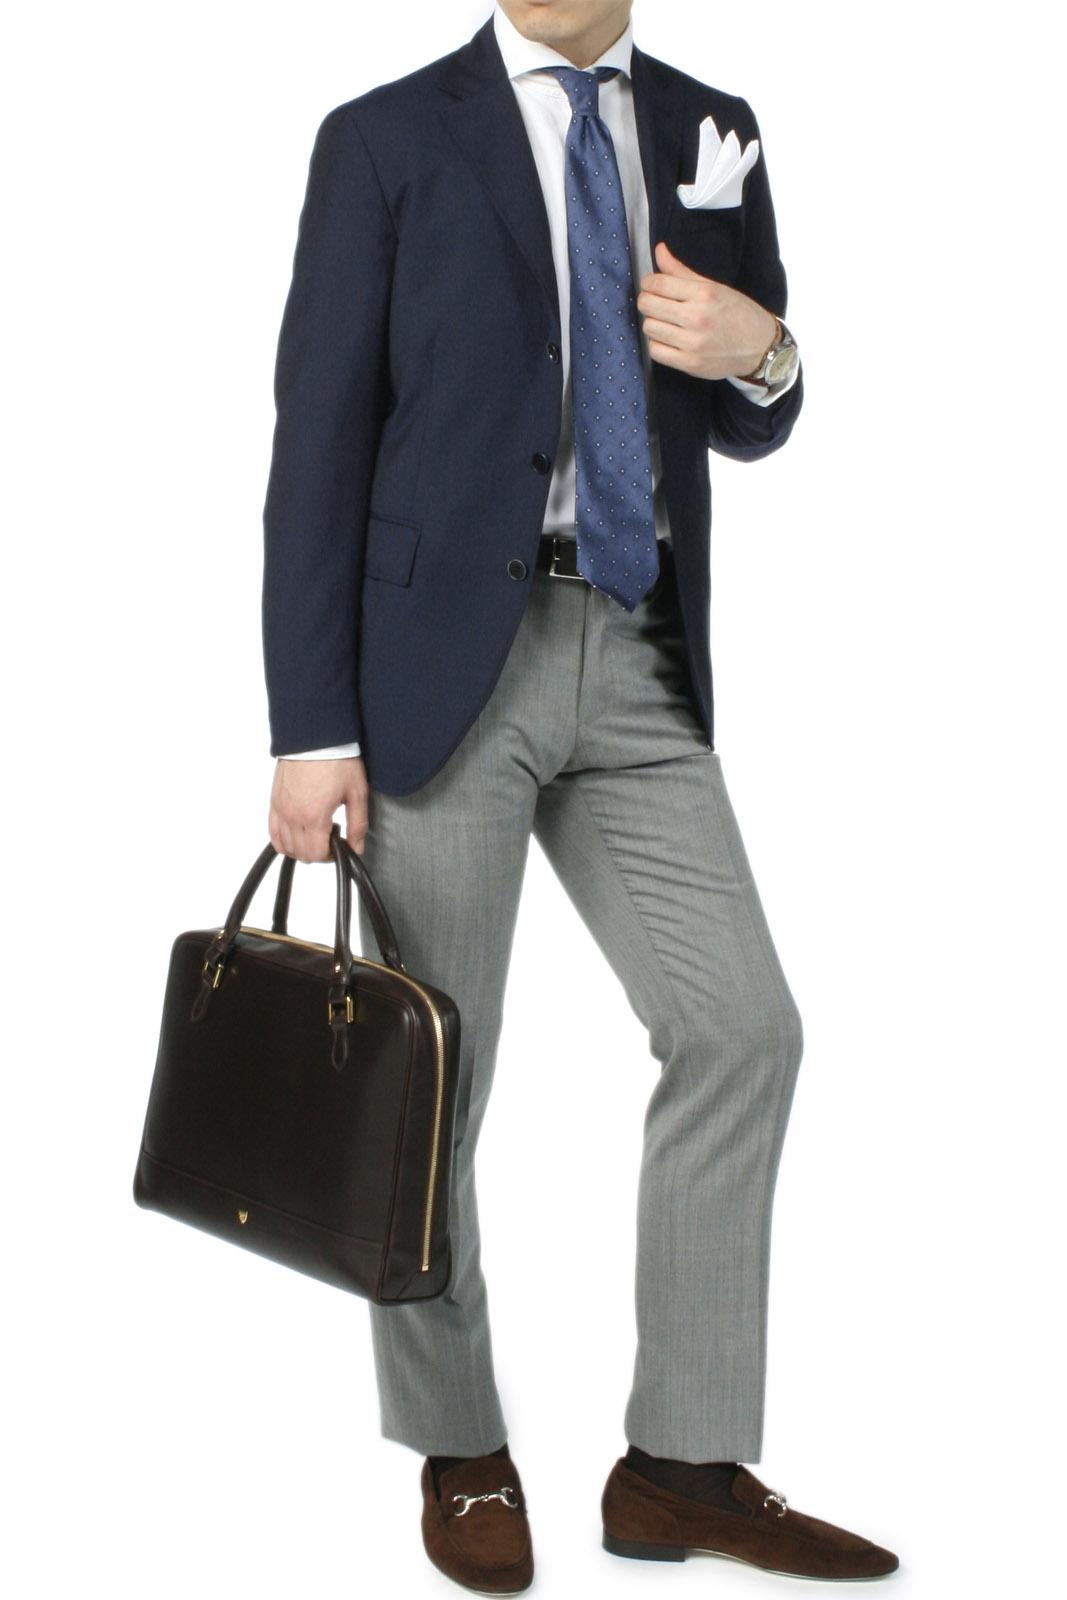 アレッサンドロ・カンタレリのジャケットスタイル